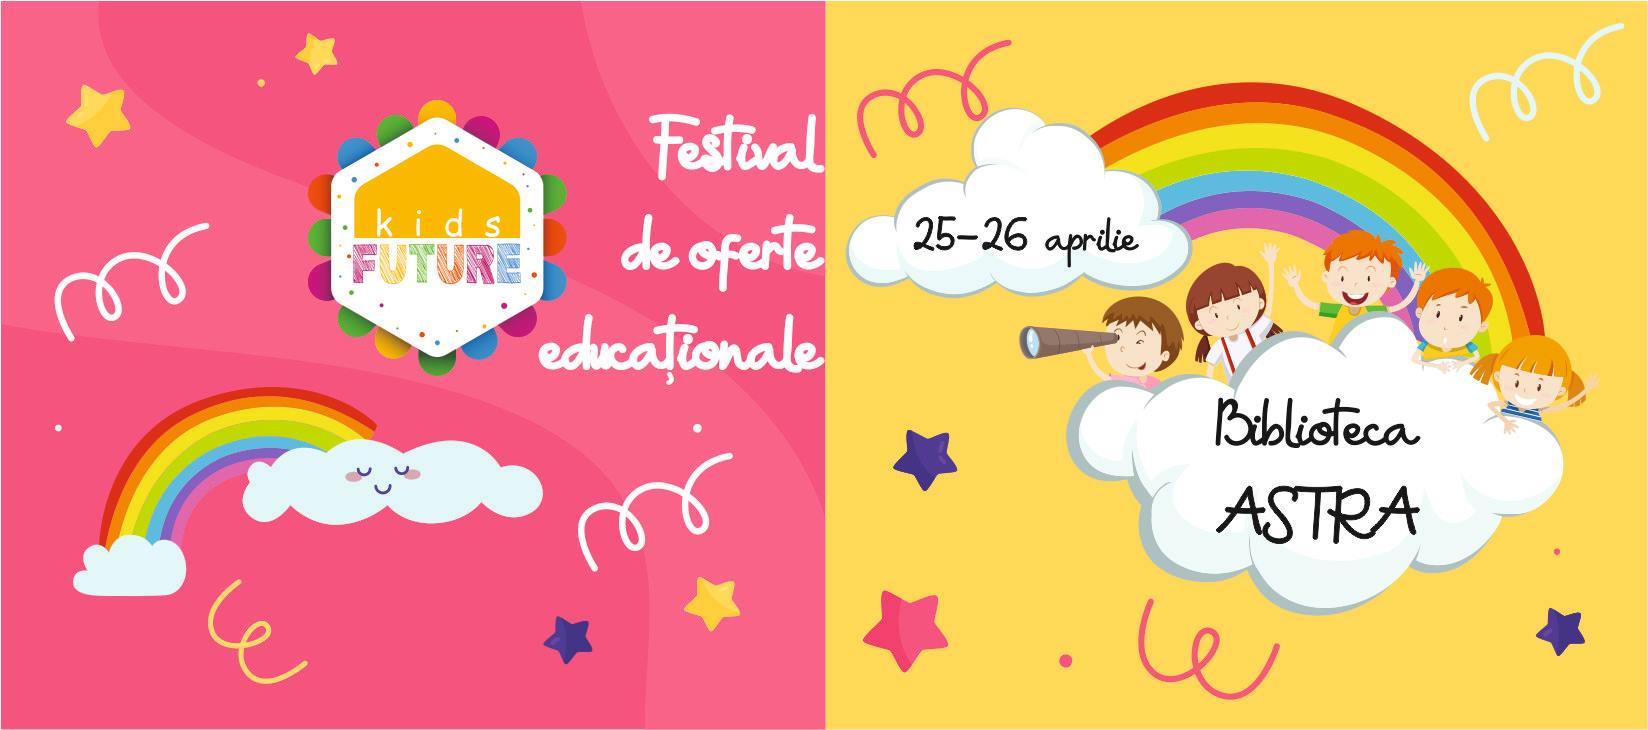 Future Kids - Festival de oferte educaționale, ediția 1